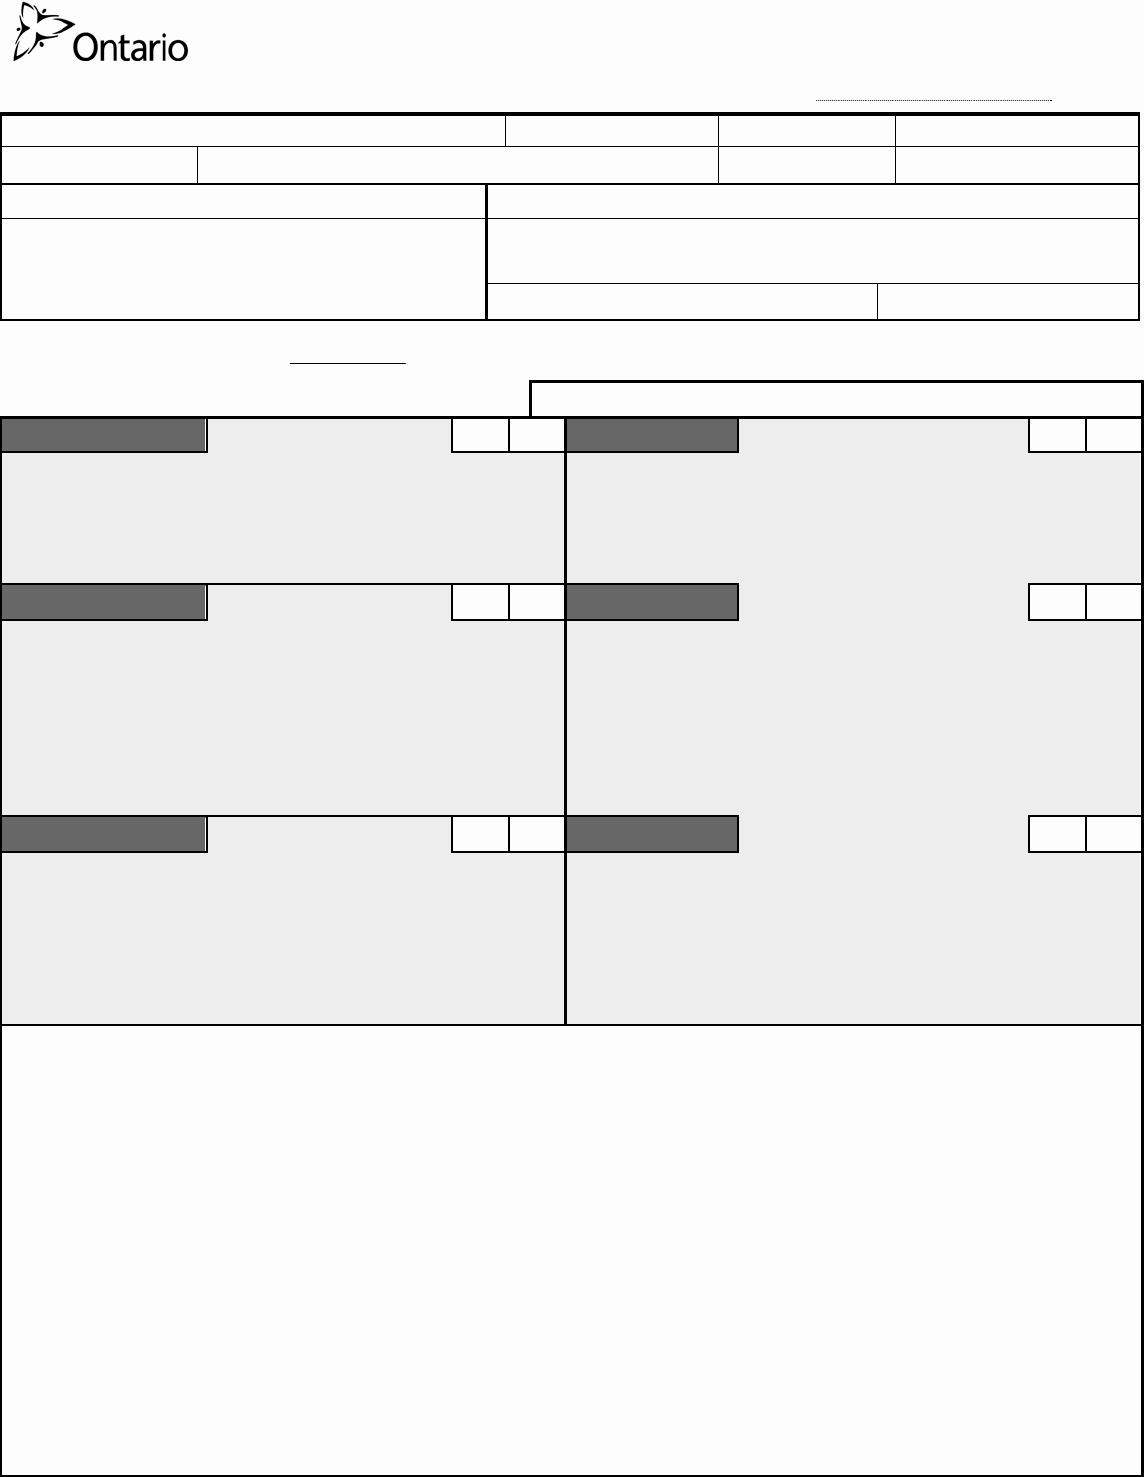 Report Card Template Word Elegant Download Report Card Template Word for Free formtemplate